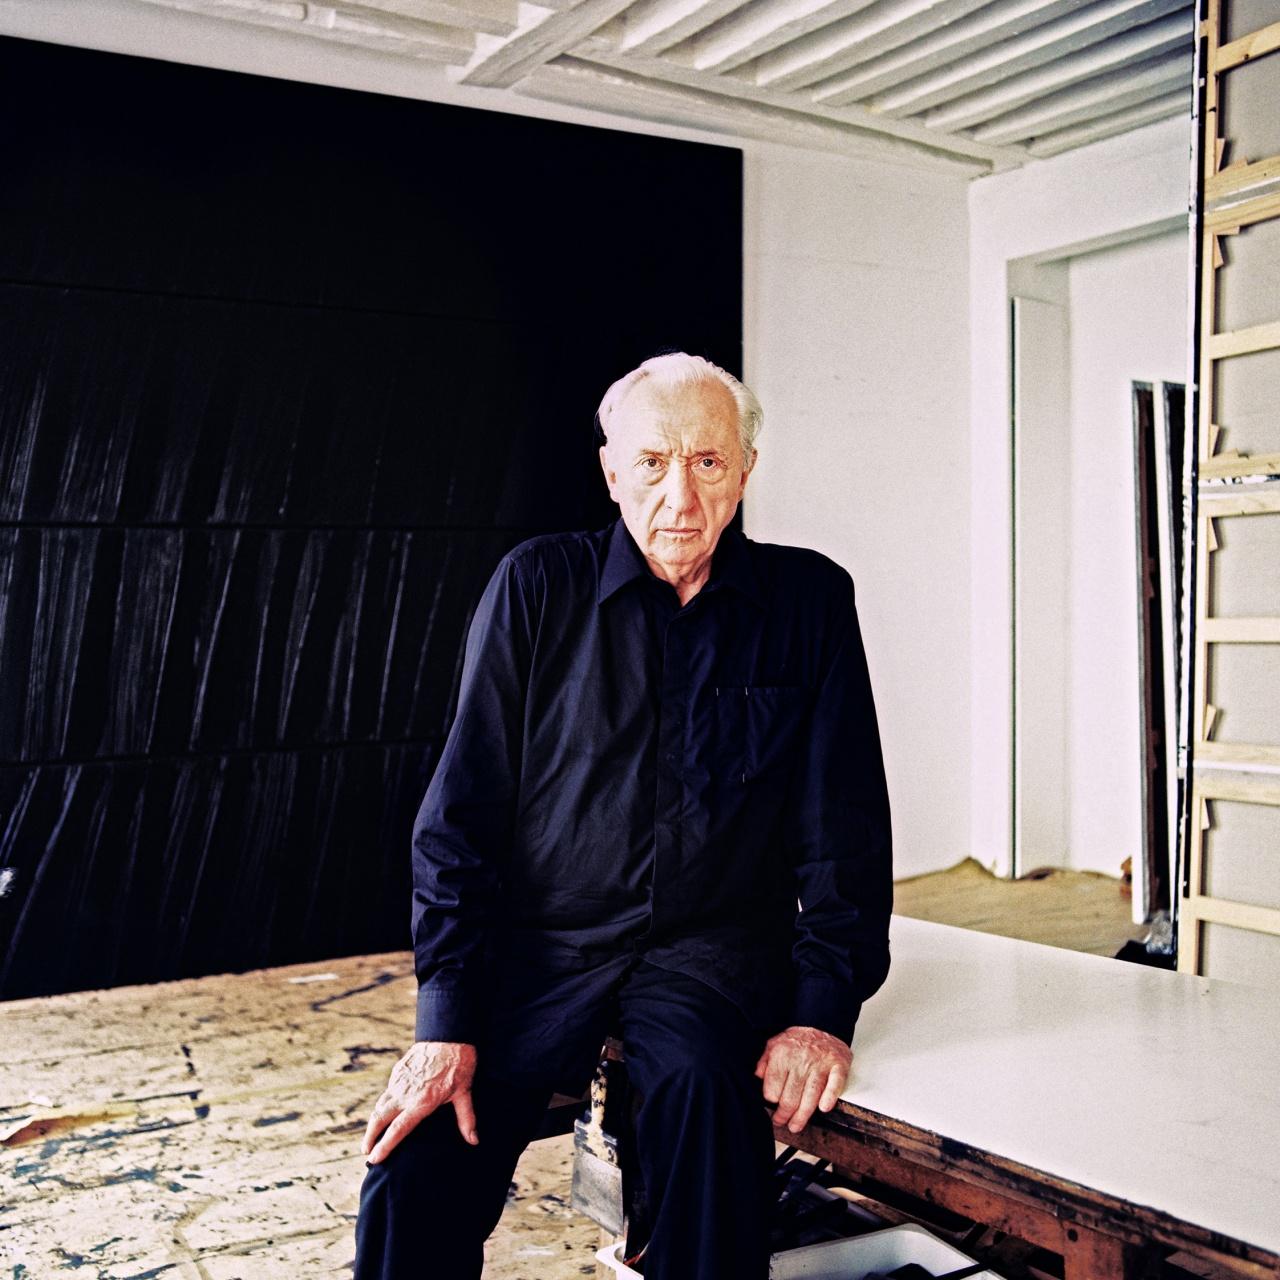 Painter Pierre Soulages